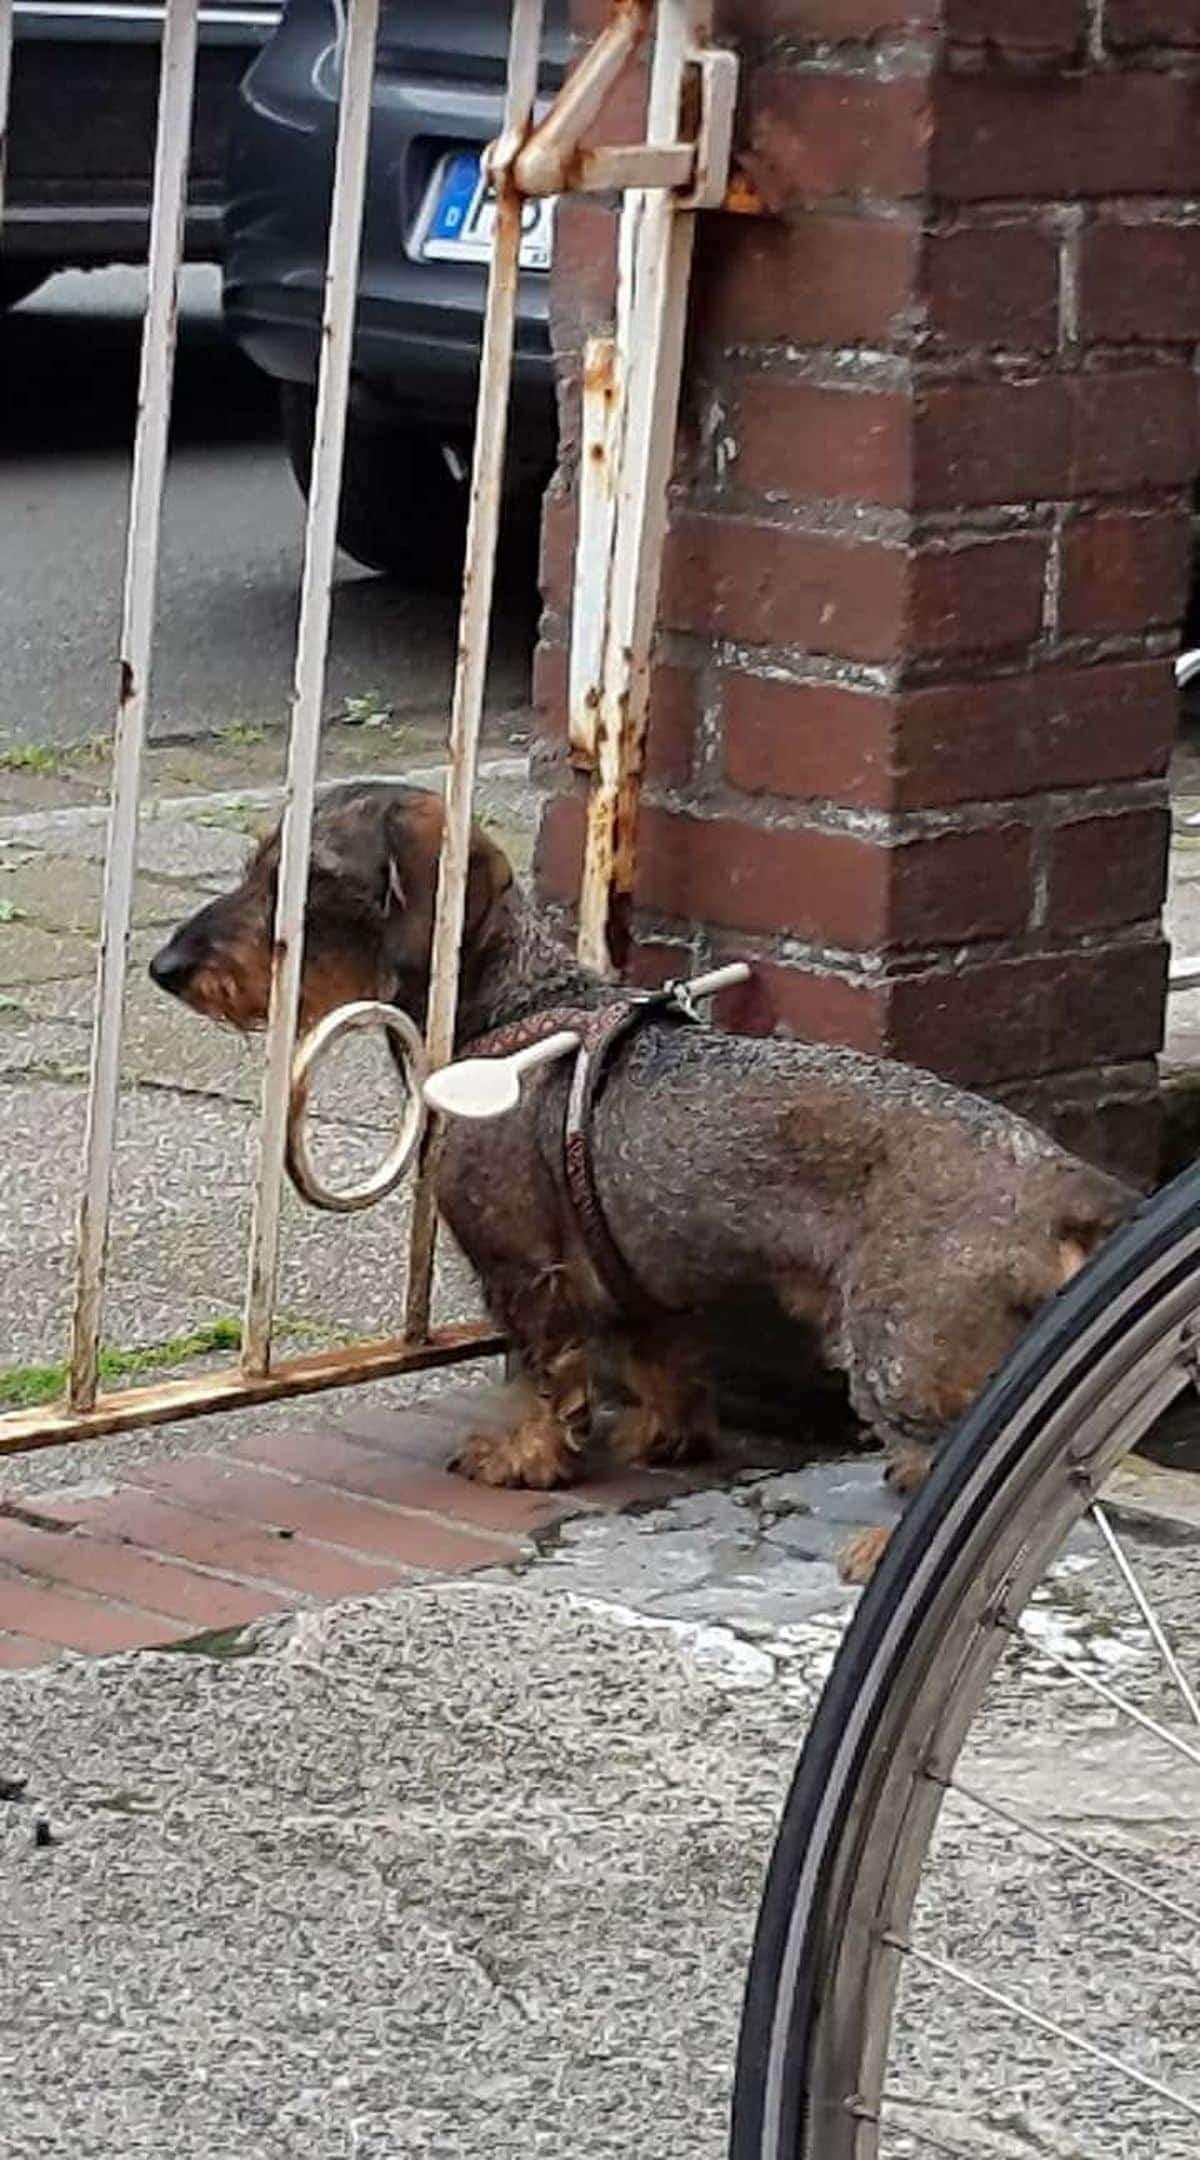 Geniale Idee für Hundebesitzer: Eine simple Weglaufsperre | Lustiges | Was is hier eigentlich los?